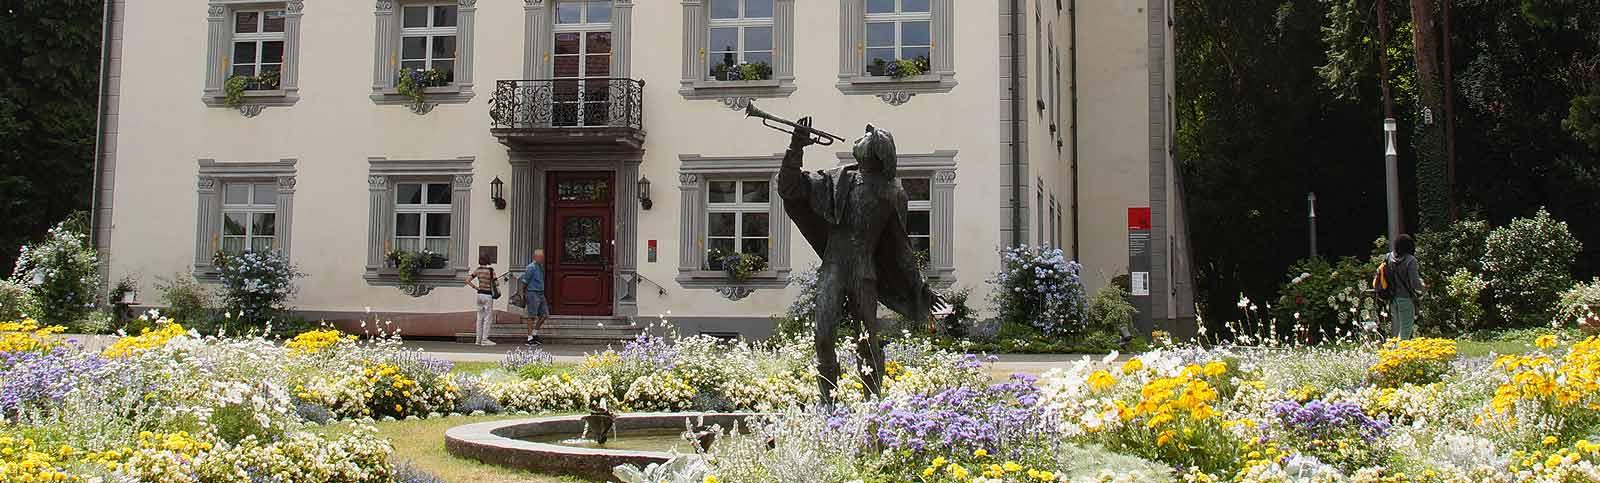 Die Altstadt von Bad Säckingen – eine Städtereise